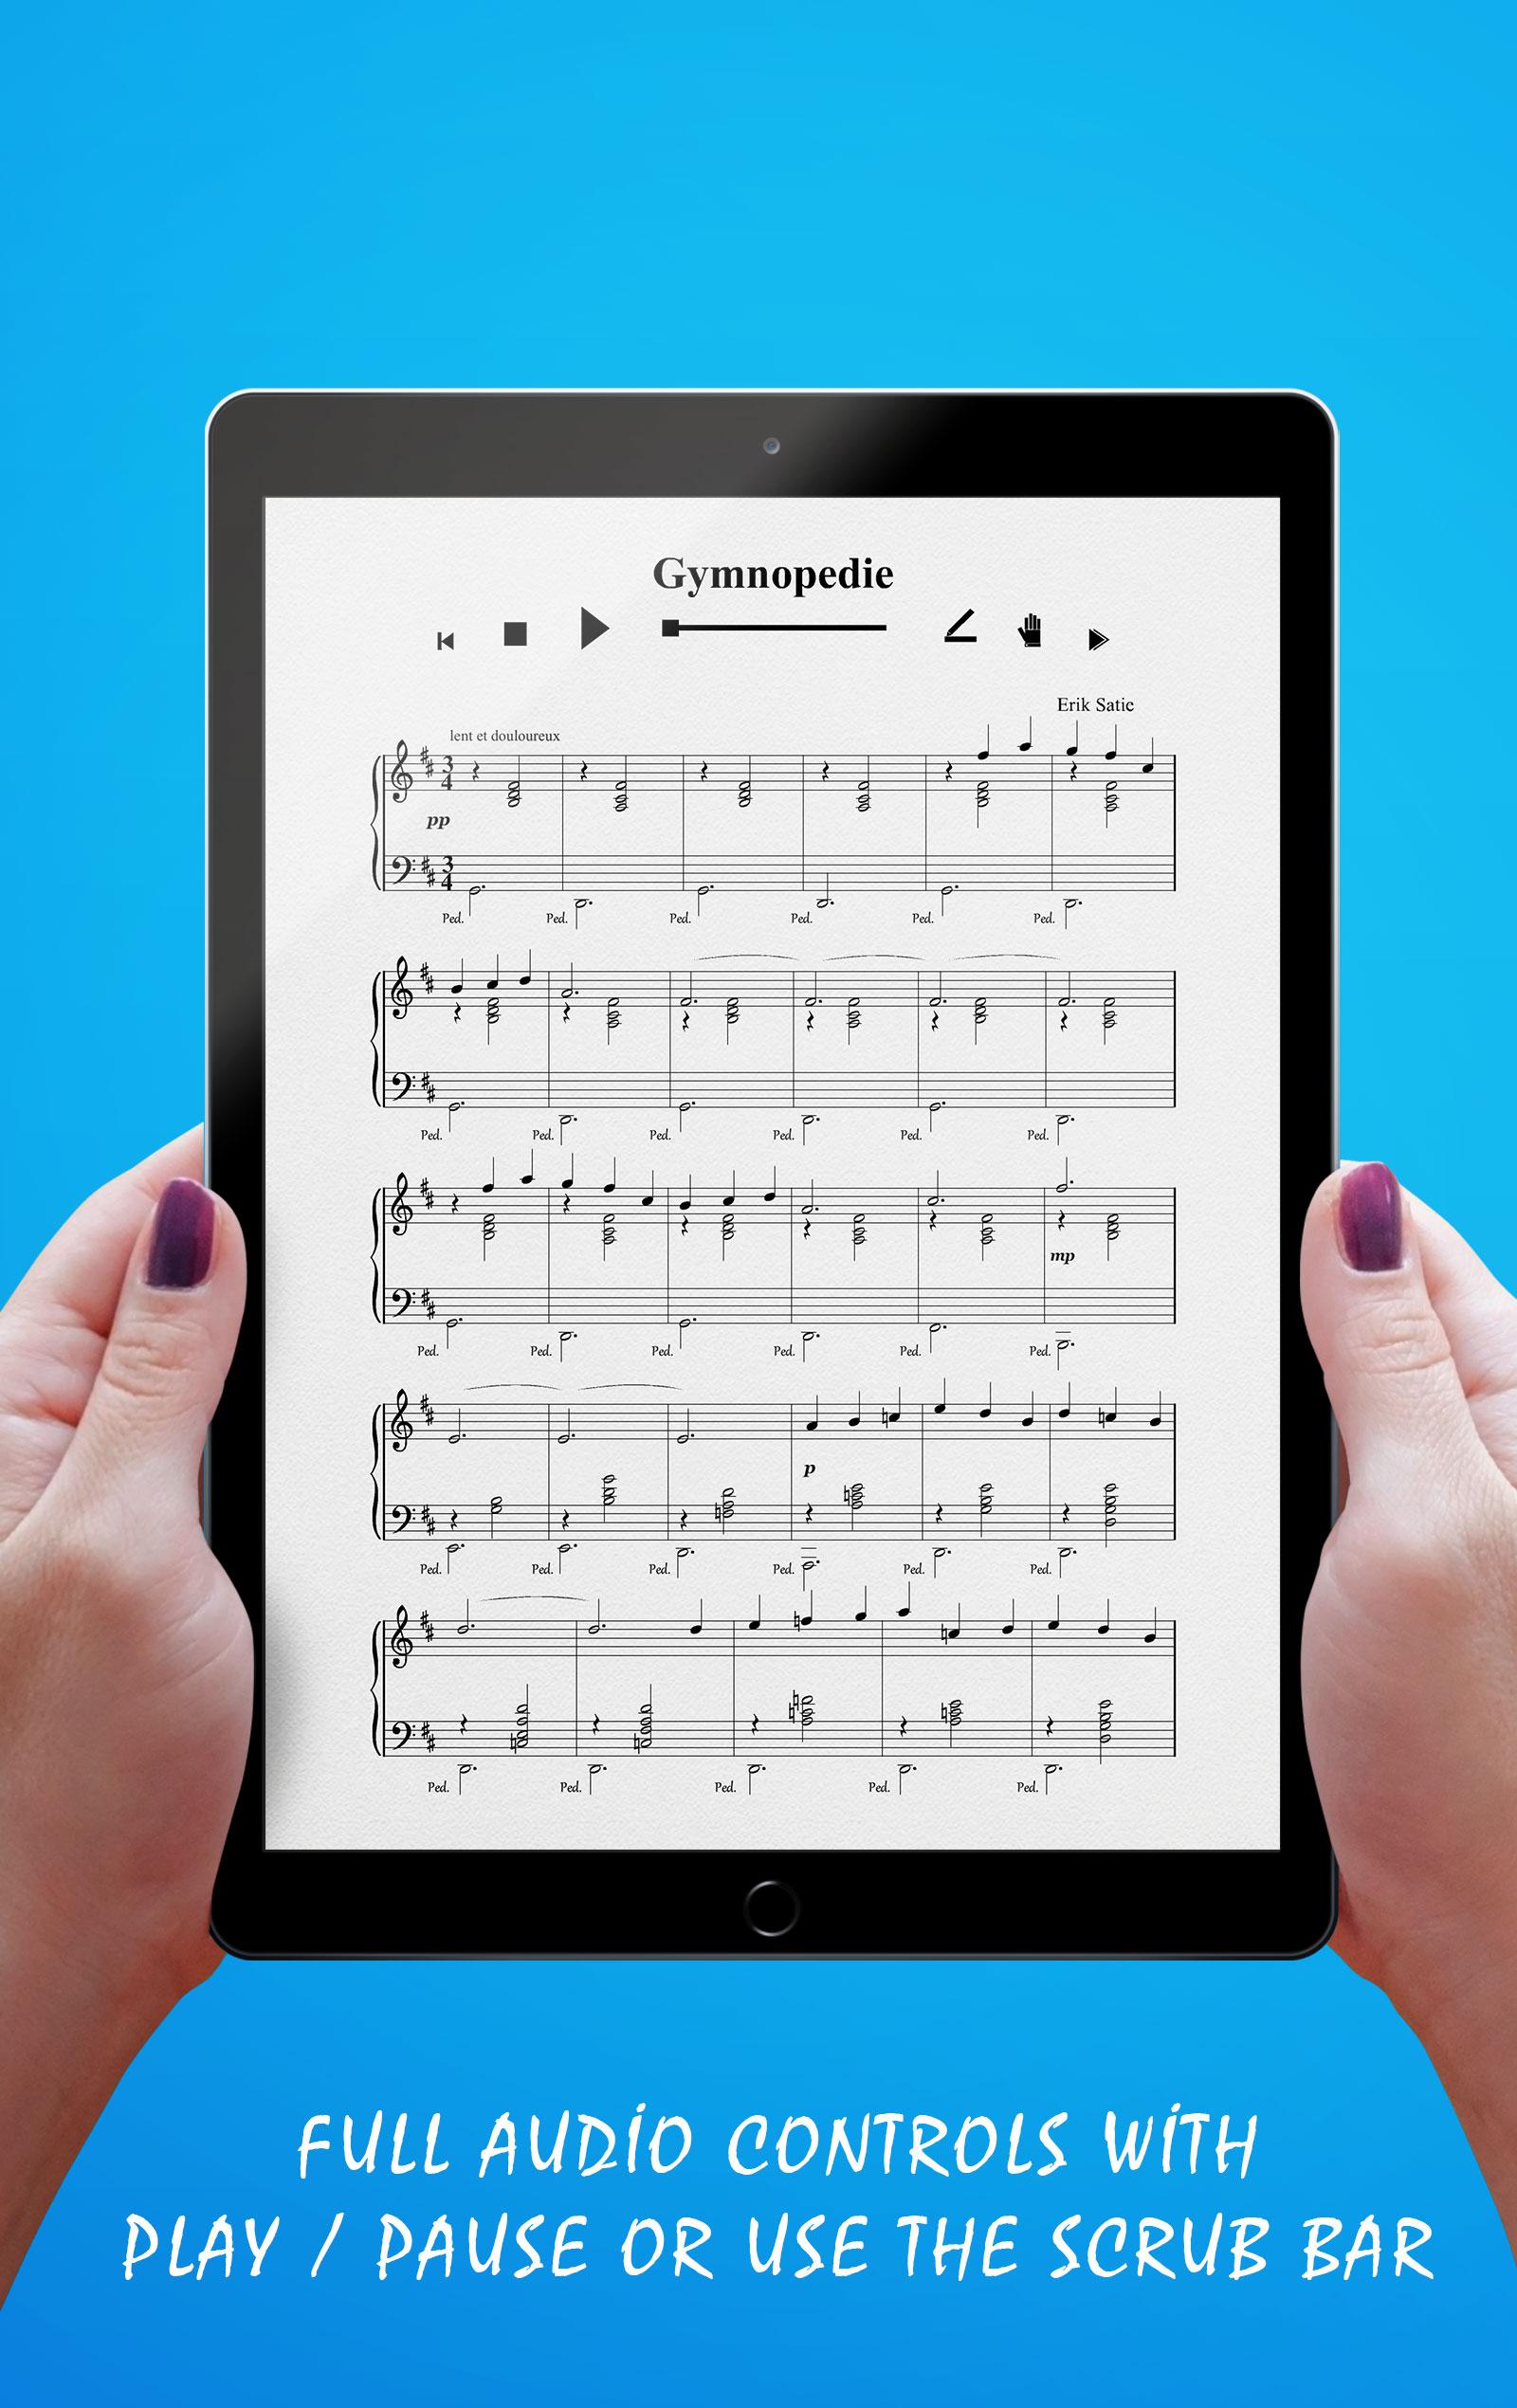 Gymnopedie No 1 (Audio Controls)